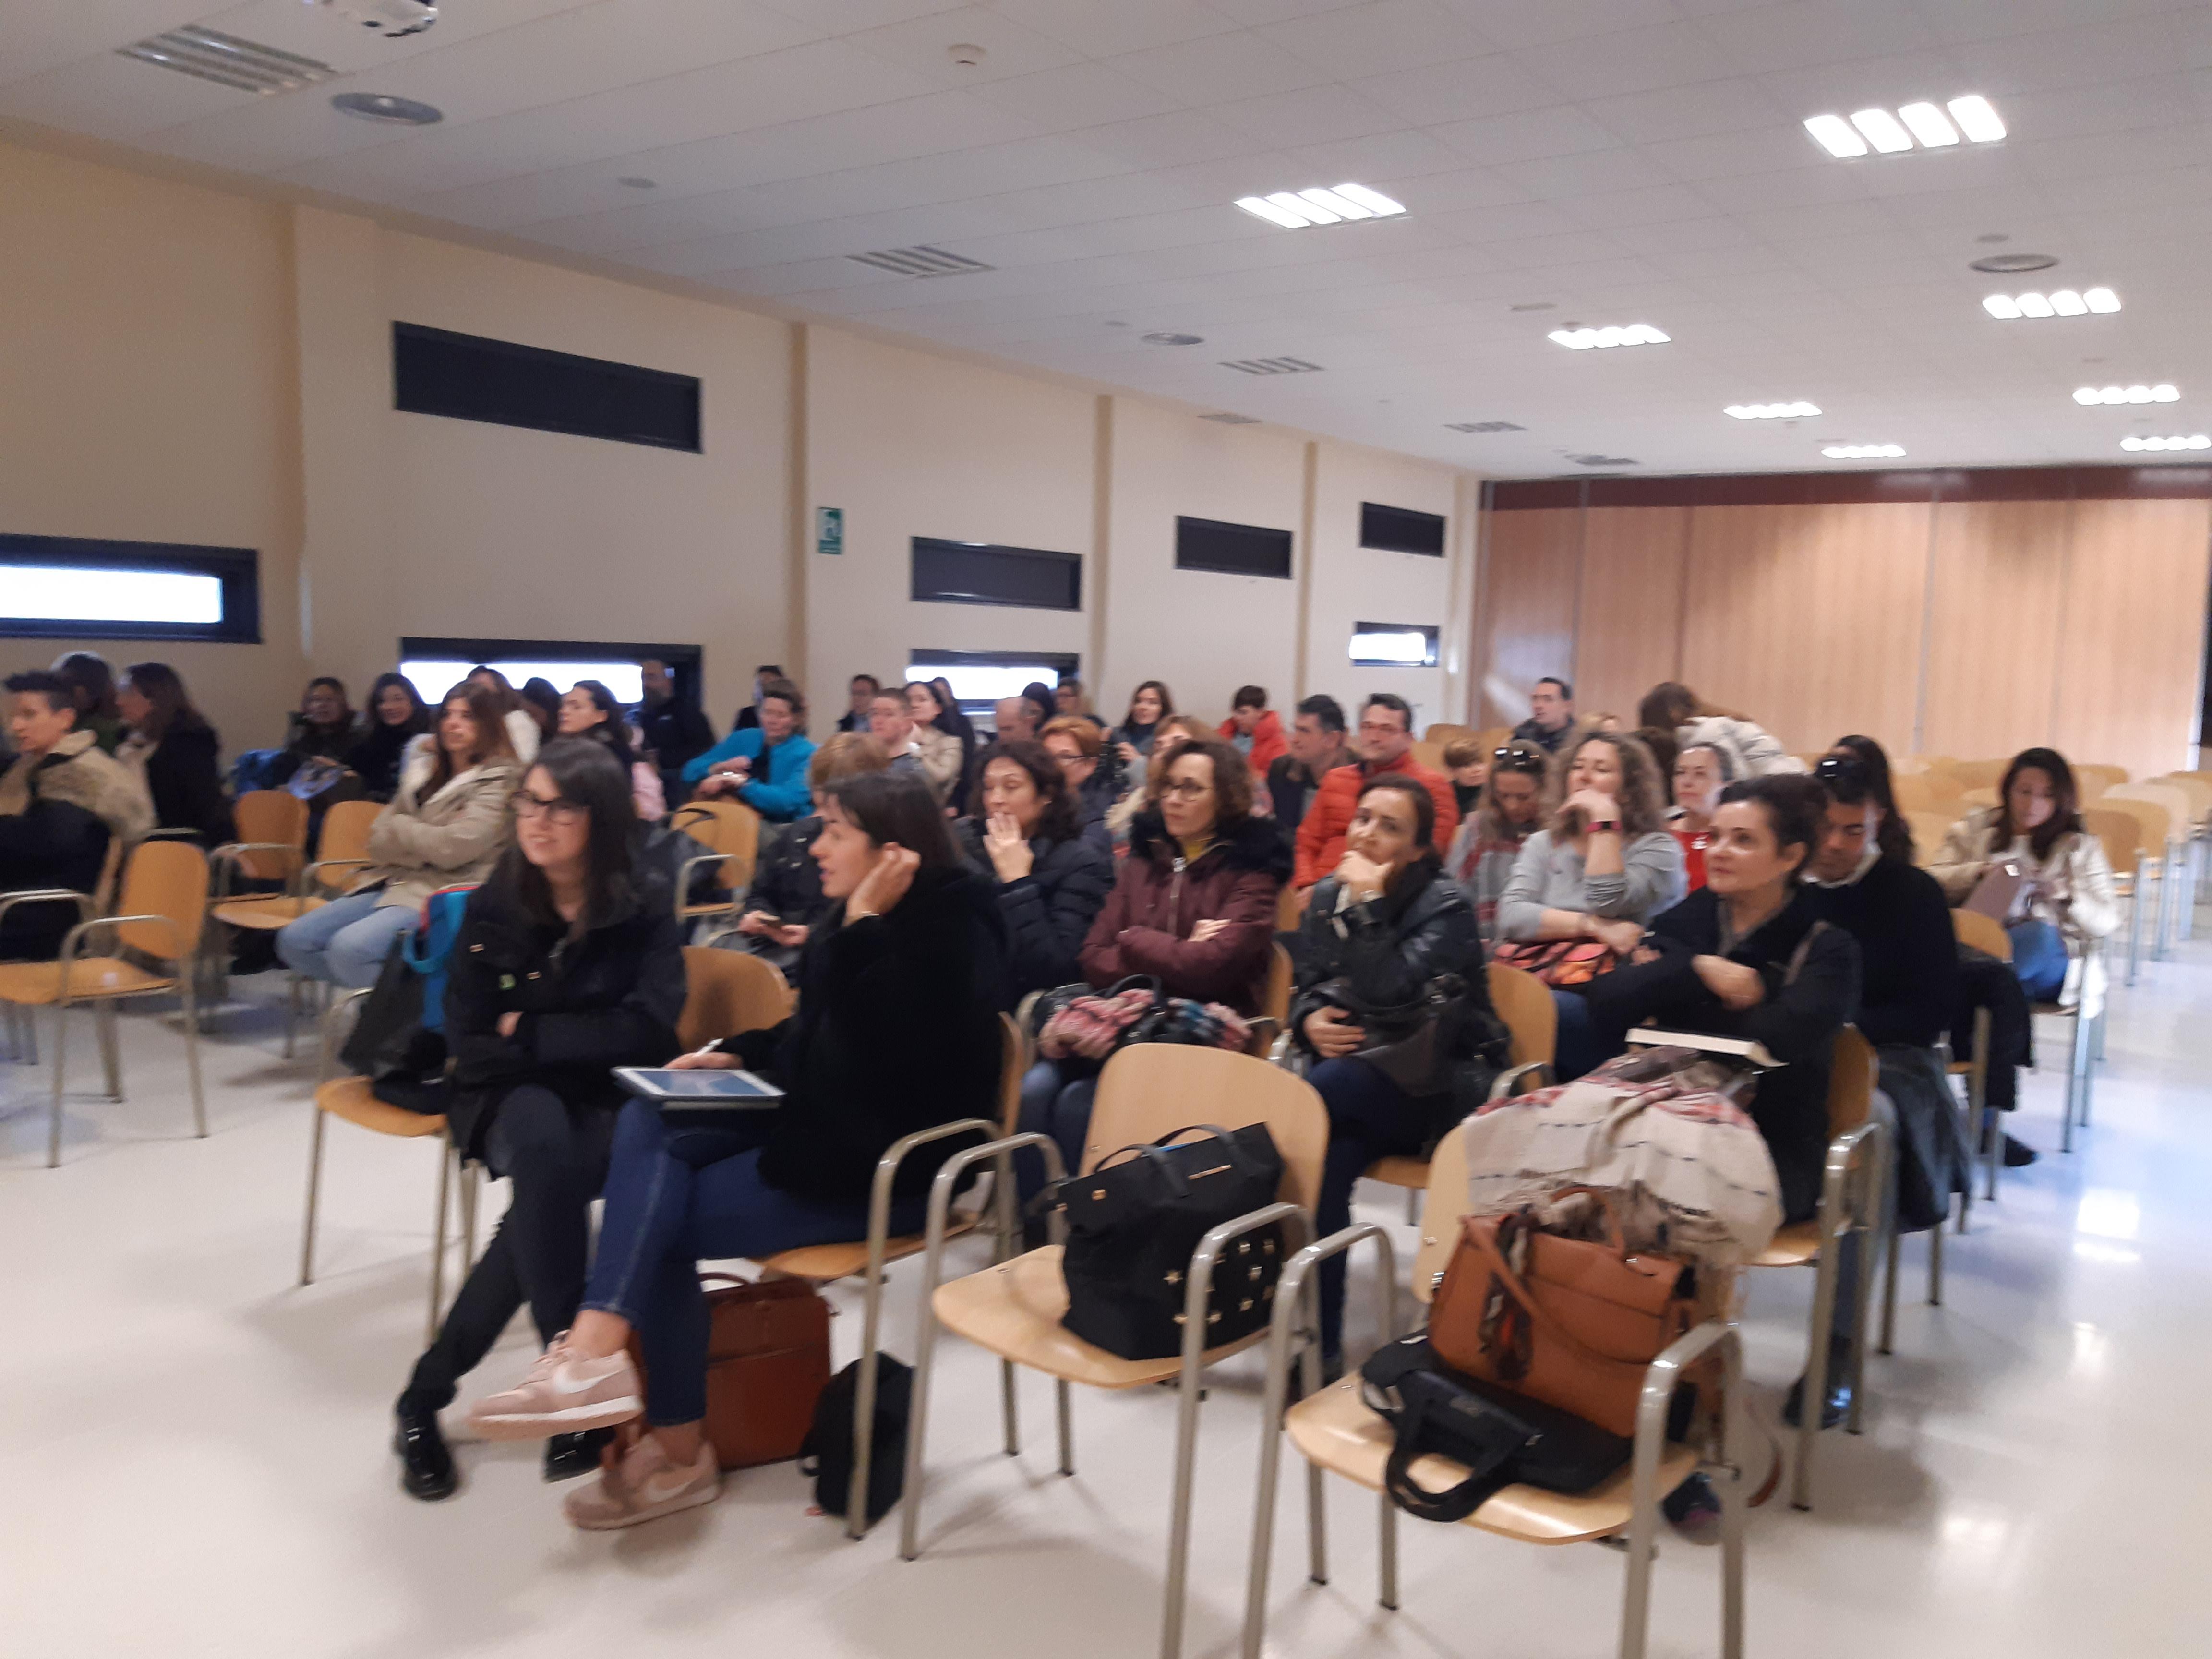 PROYECTO ACOMPAÑA: PELIGRO Y RIESGOS DE LAS REDES SOCIALES